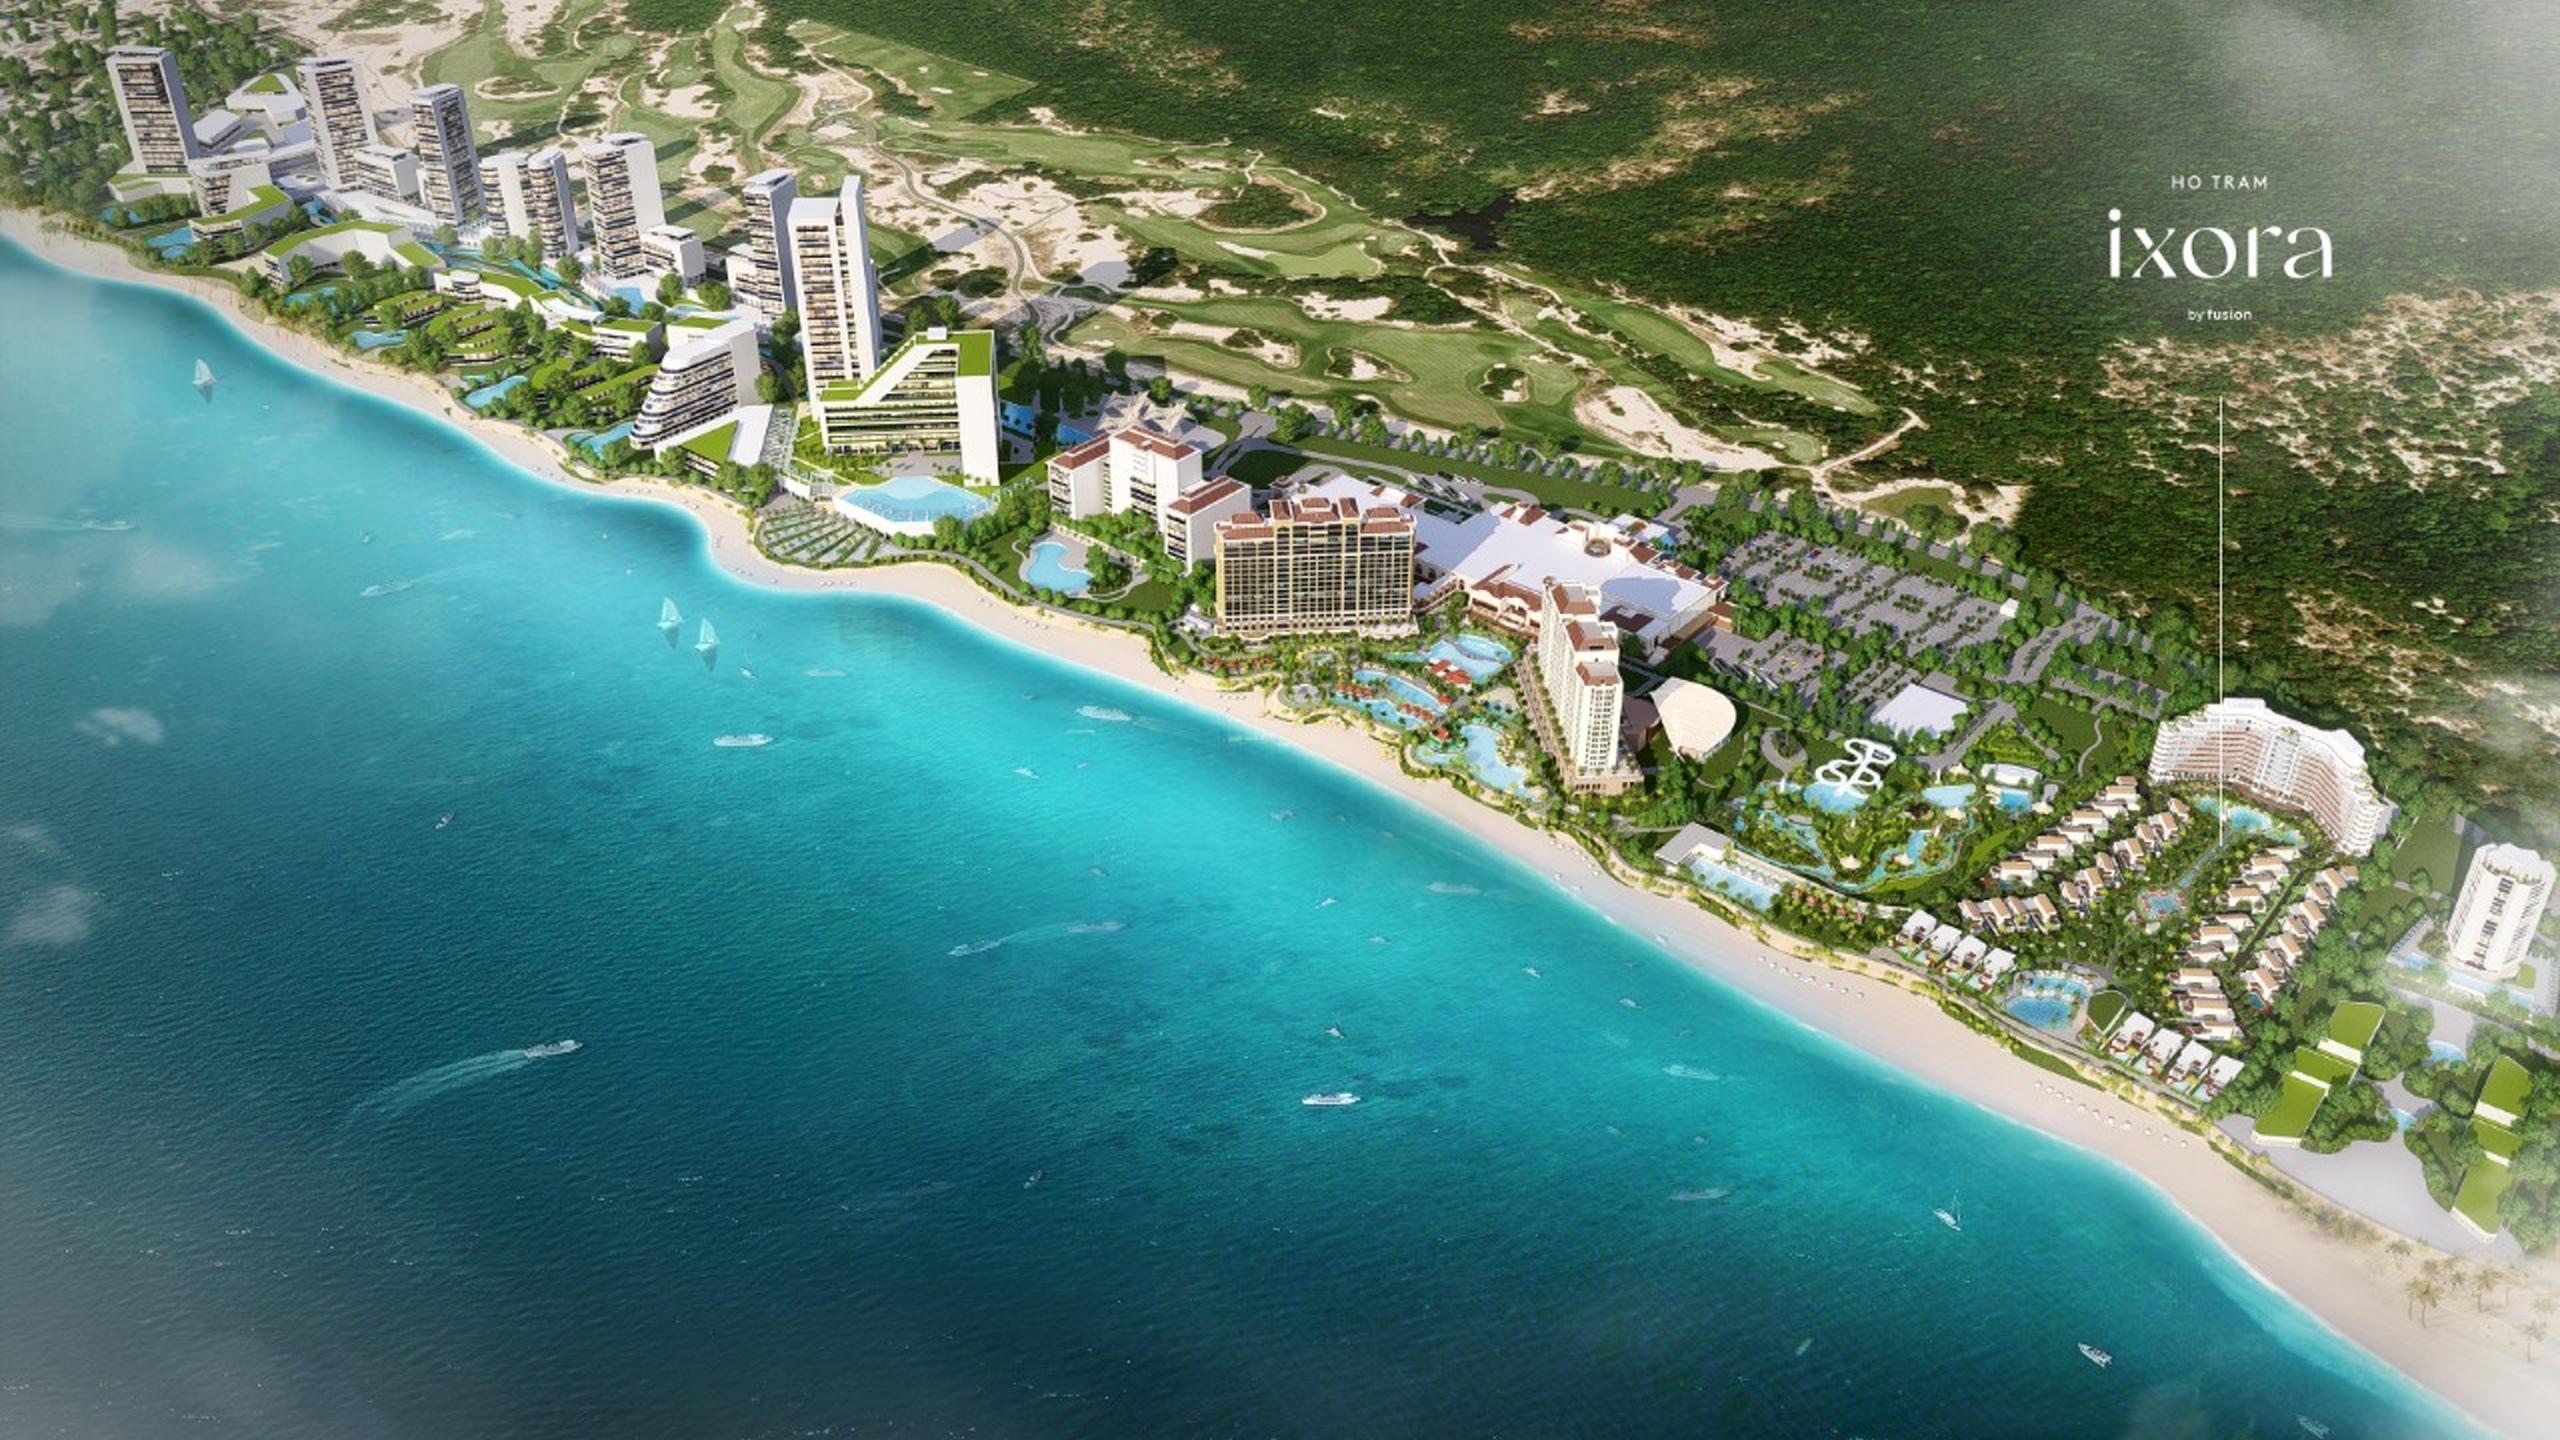 Bán biệt thự biển IXORA HỒ TRÀM BY FUSION cạnh Casino Hồ Tràm Strip ra mắt tháng 3 PKD 0912357447